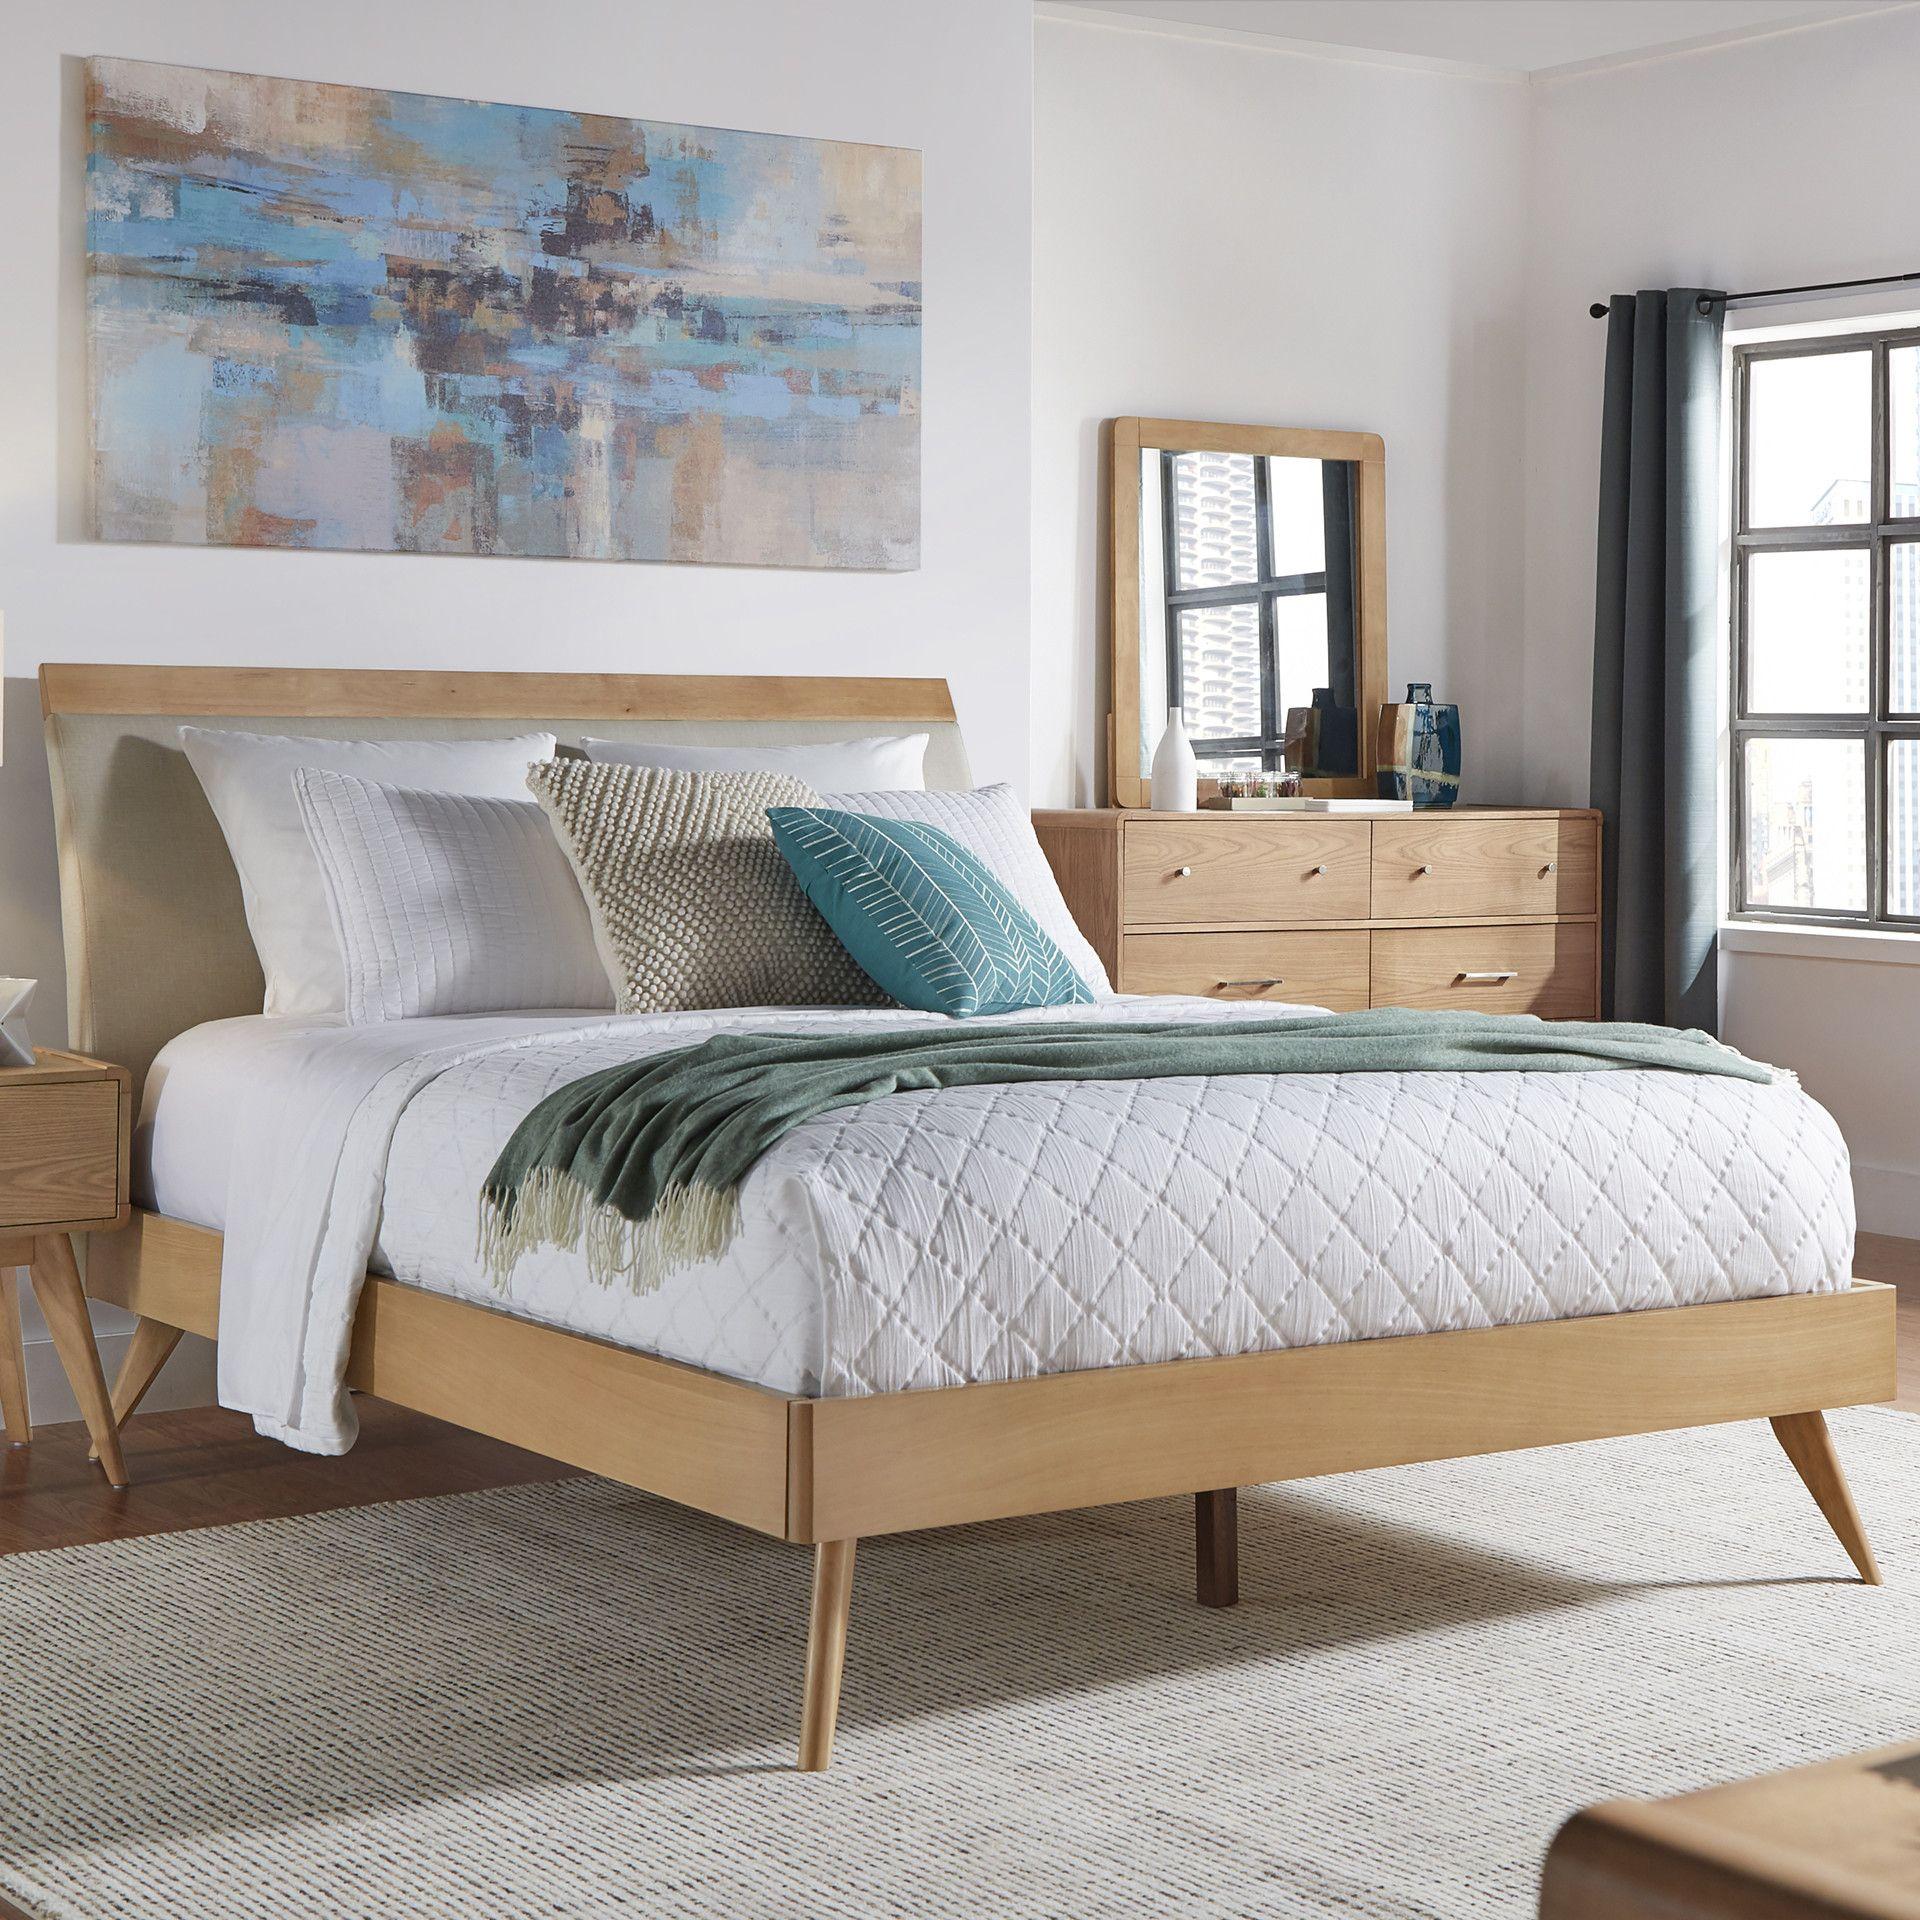 Customer Image Zoomed Home decor, Upholstered platform